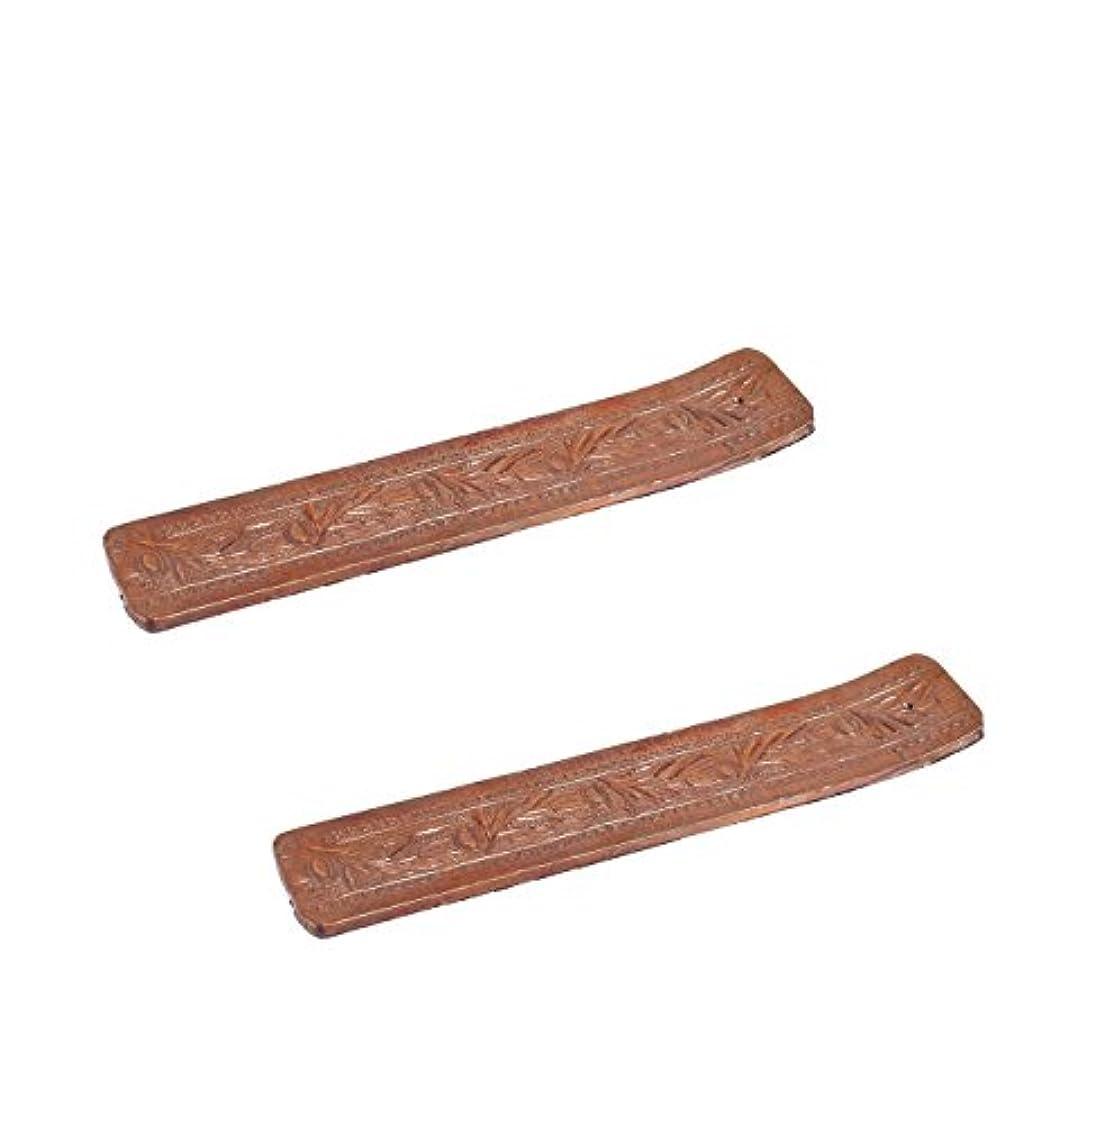 国籍ガラス故障中Hosley 2のセット、木製お香スティックholder- 10.50